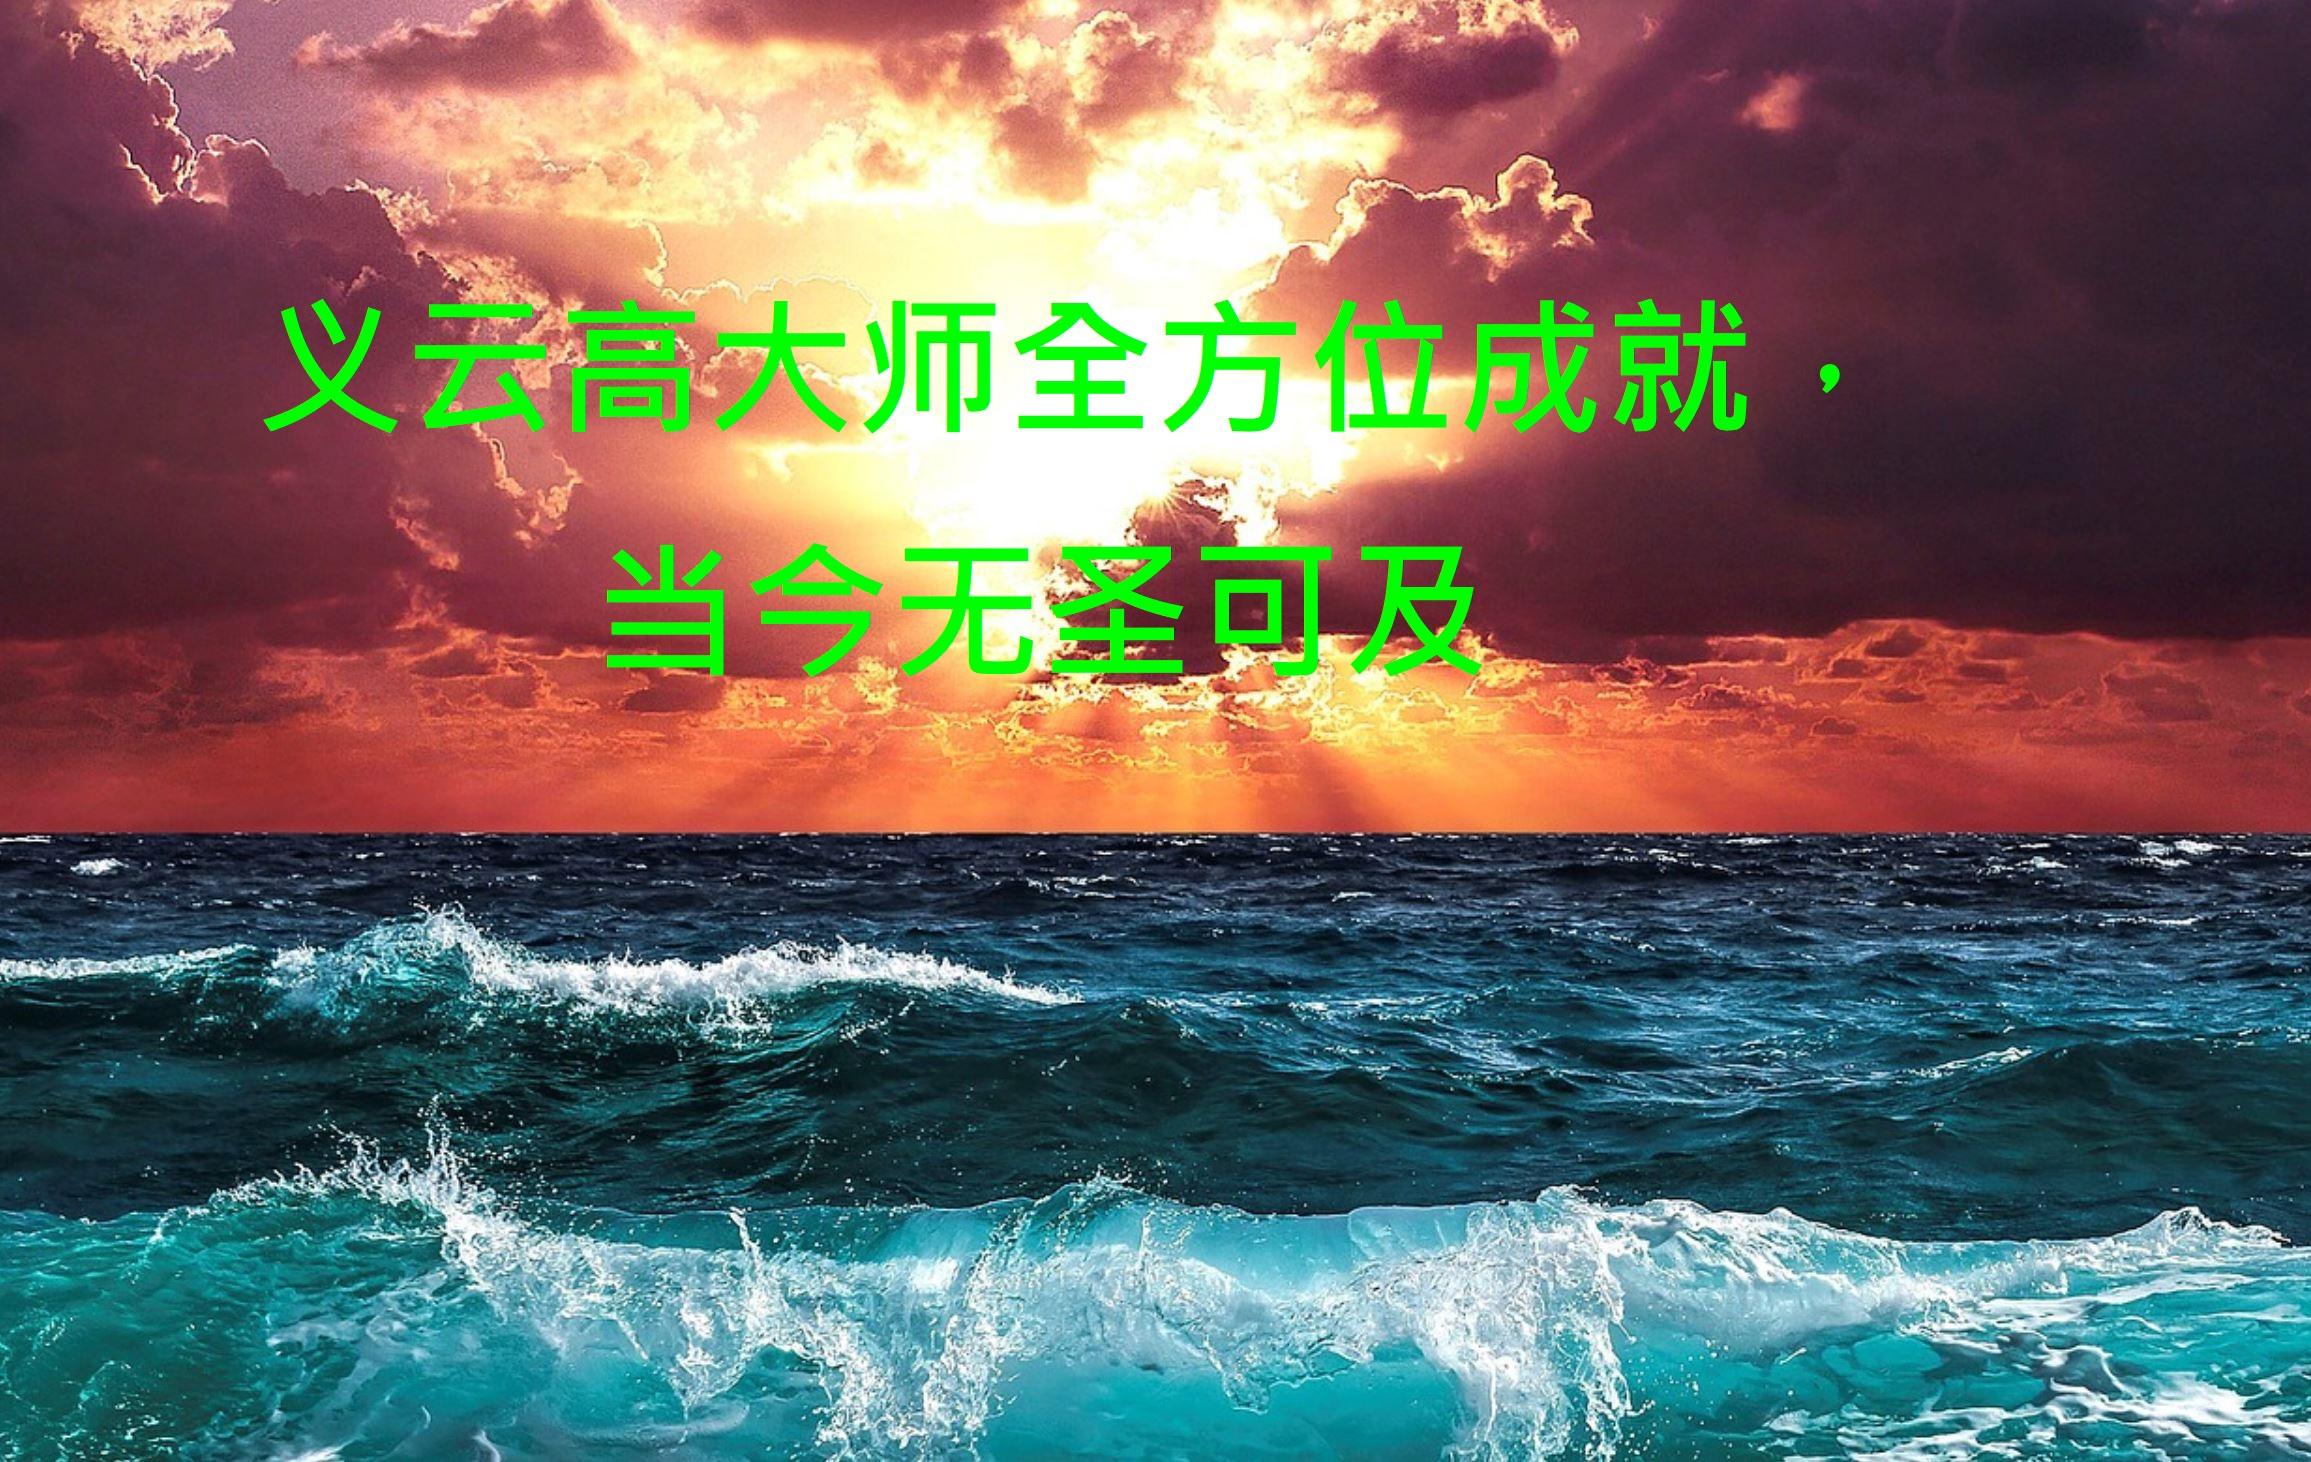 义云高大师全方位成就,当今无圣可及-4.